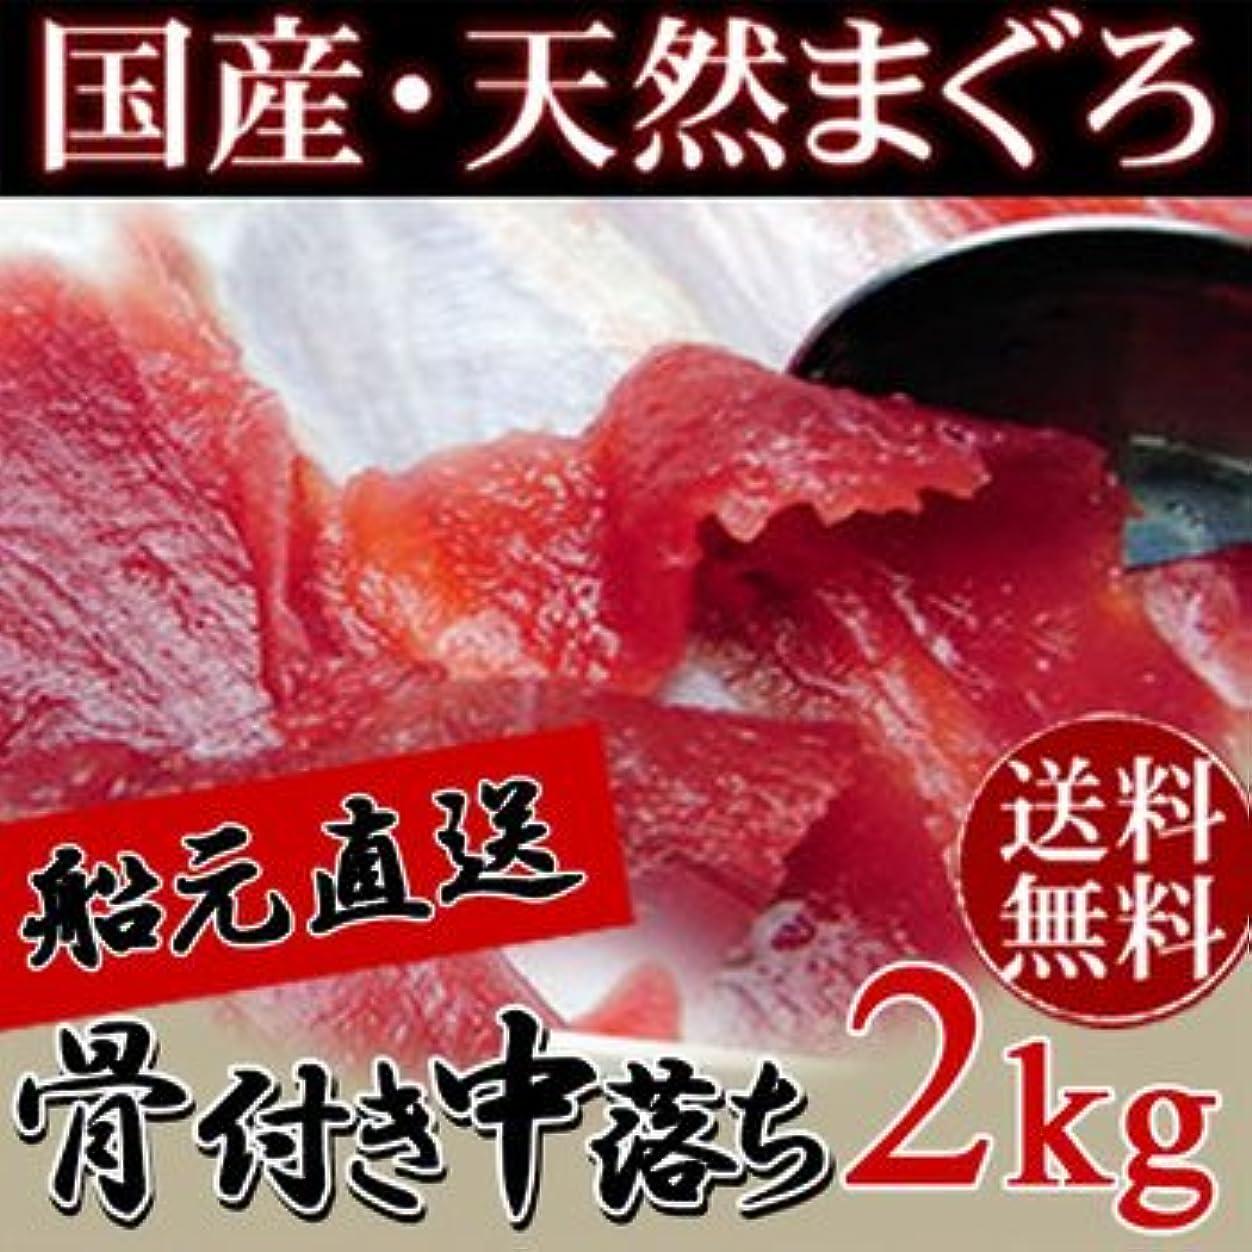 ハンバーガー混乱した持参ホロニックフーズ 国産?天然メバチマグロ赤身骨付き中落ち2kg